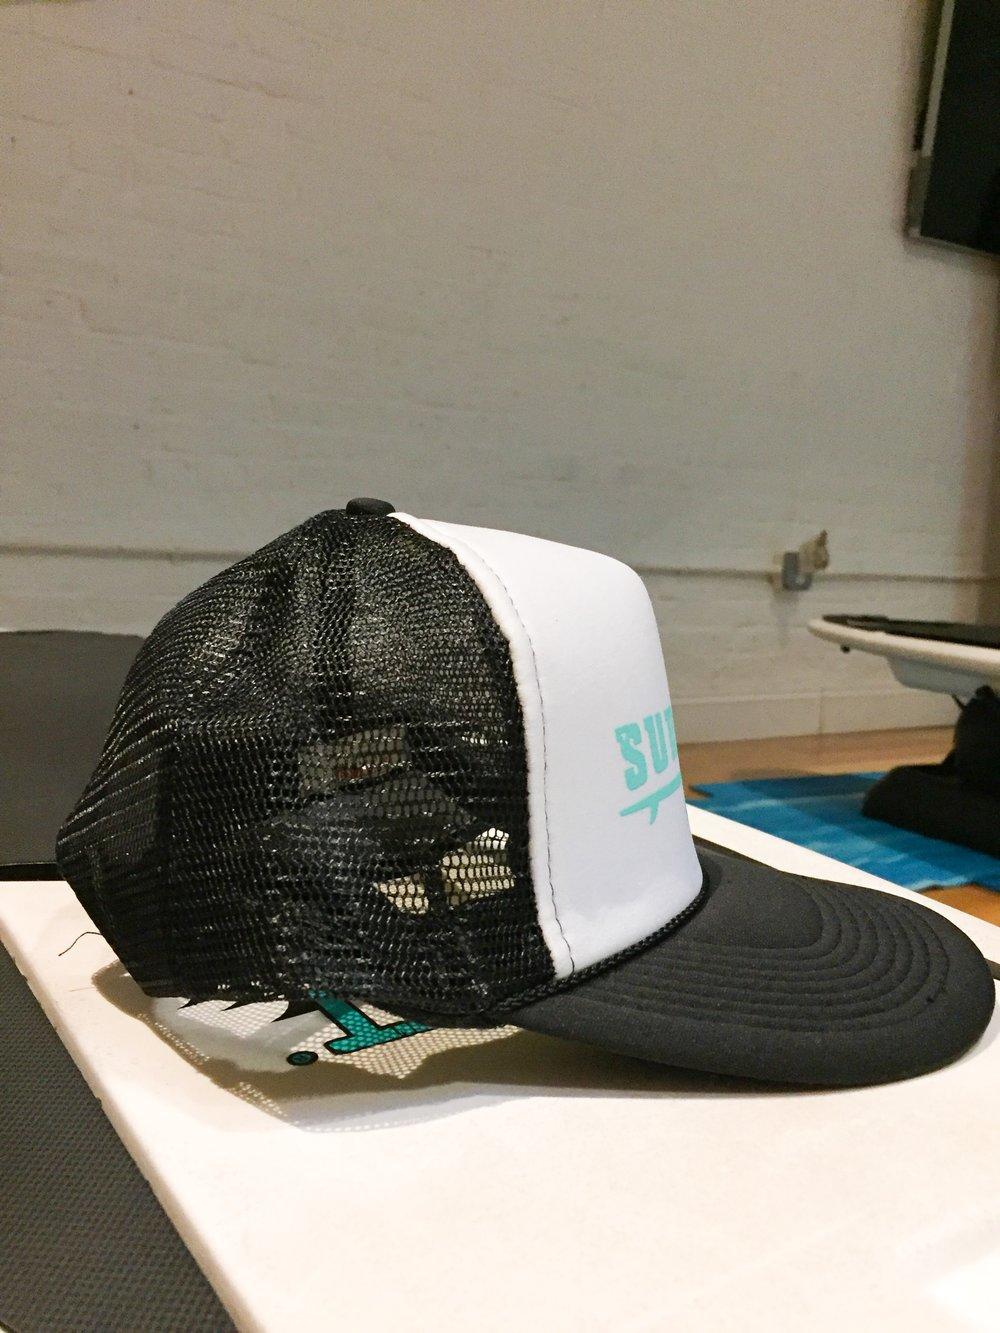 e39fcb0eec1 SURFSET NYC Trucker Hat — Surfset New York City